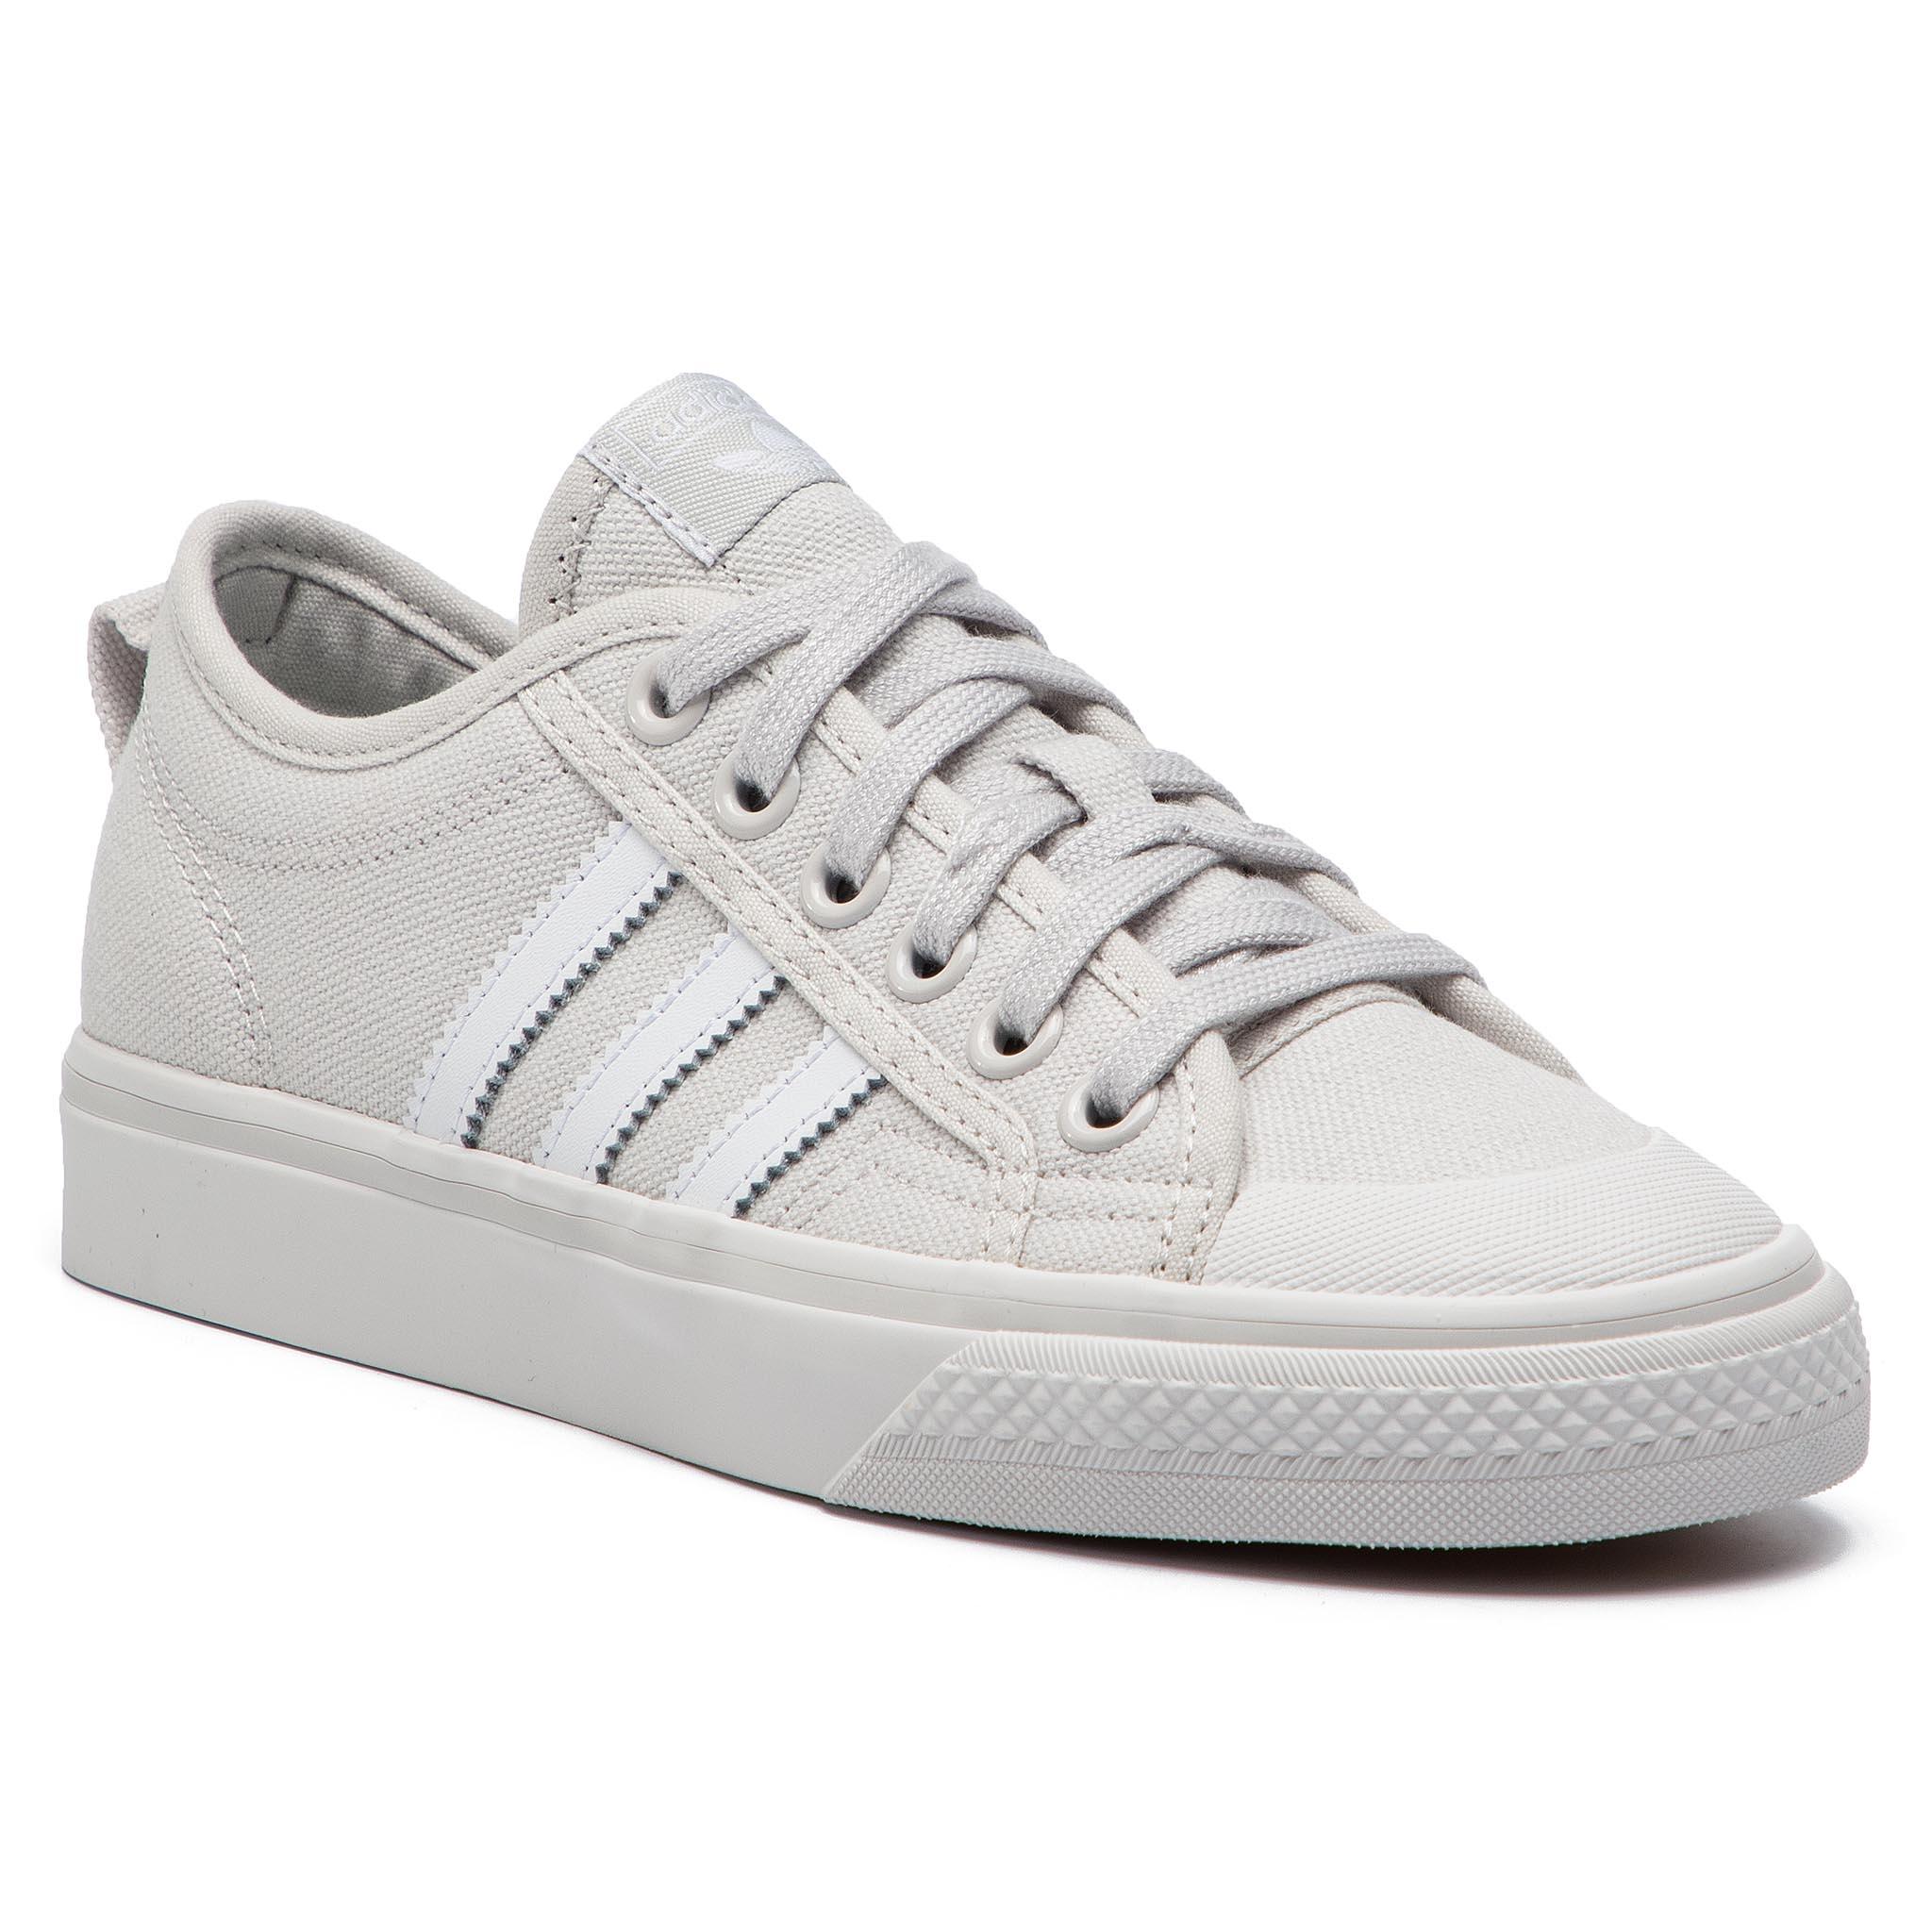 cd31d821cb Παπούτσια adidas - Nizza W D96445 Greone Ftwwht Crywht - Glami.gr